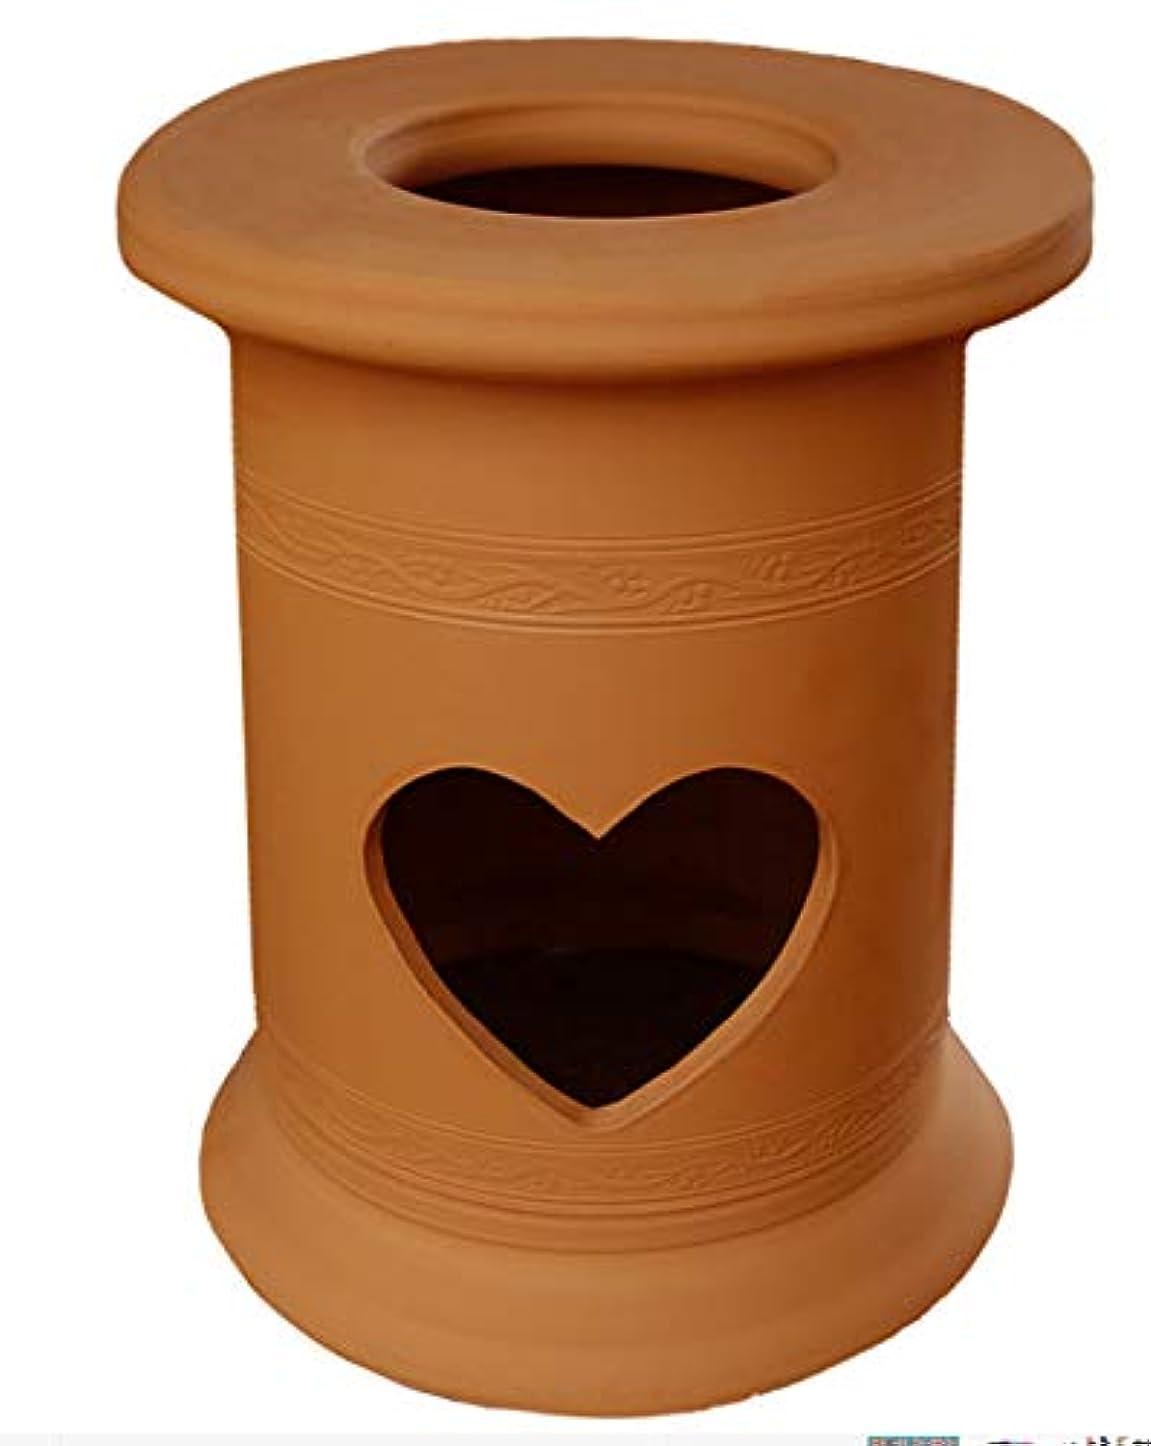 ベルベット洞察力ベーシック黄土のヨモギが最高、電気鍋利用の子宮集中形の黄土陶磁器ヨモギ蒸しセット<電気鍋入り>